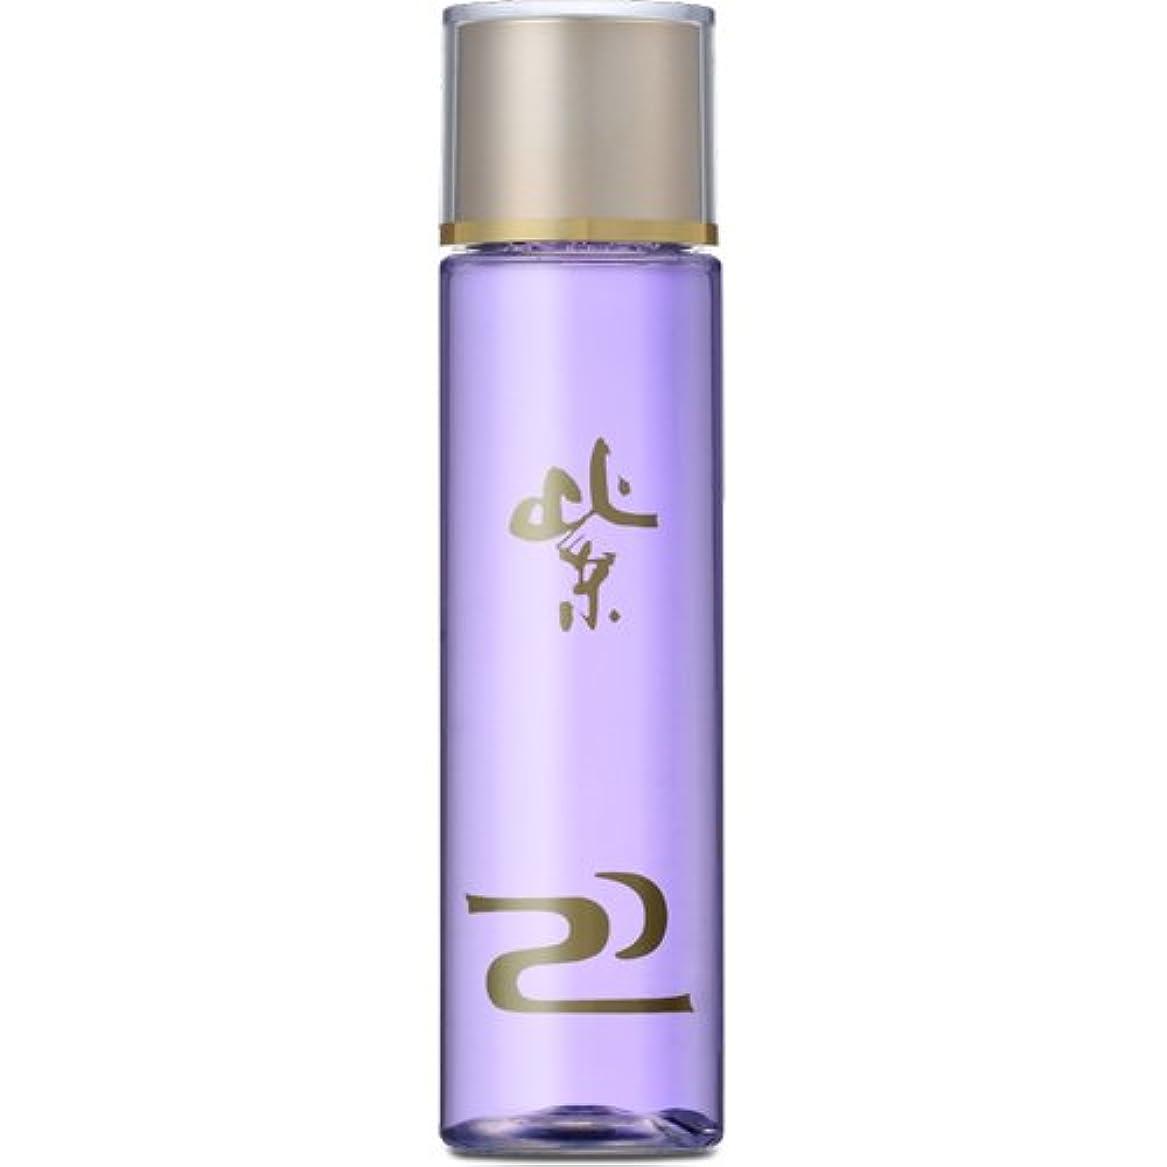 愛情深い消費アジャホワイトリリー WL紫 120mL 化粧水